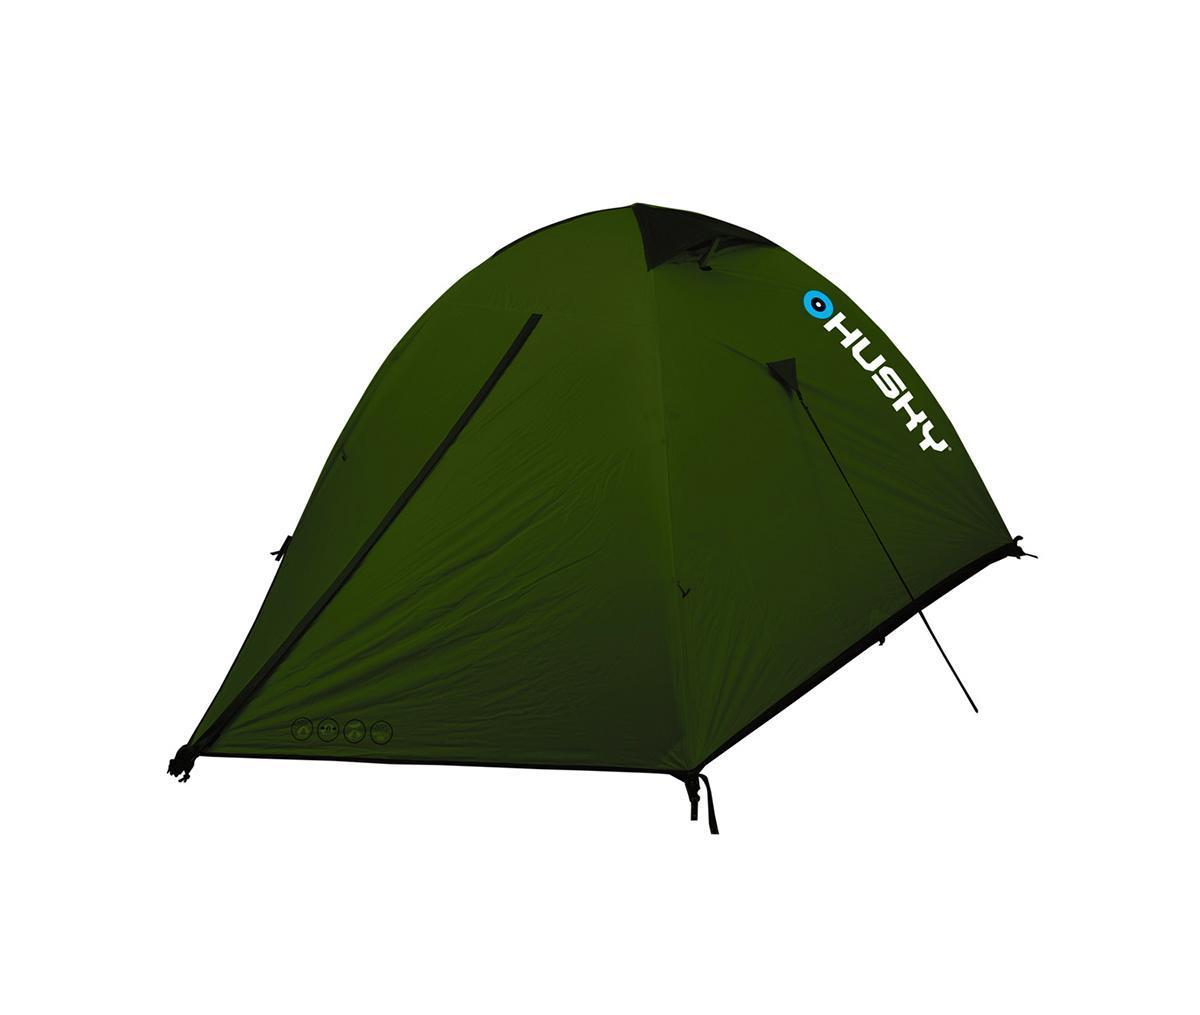 Палатка Husky Sawaj 3 Green, цвет: зеленыйУТ-000052272Двухслойная палатка Sawaj 3 отлично подойдет для путешествий и кемпинга. Палатка рассчитана на трех человек. В палатке имеются два входа и один тамбур. Пригодна для велосипедного туризма, скалолазания, пешего туризма. В комплекте дюралюминиевые колышки, набор для ремонта, компрессионный мешок, карман-сетка. Палатка упакована в чехол с удобной ручкой для переноски.